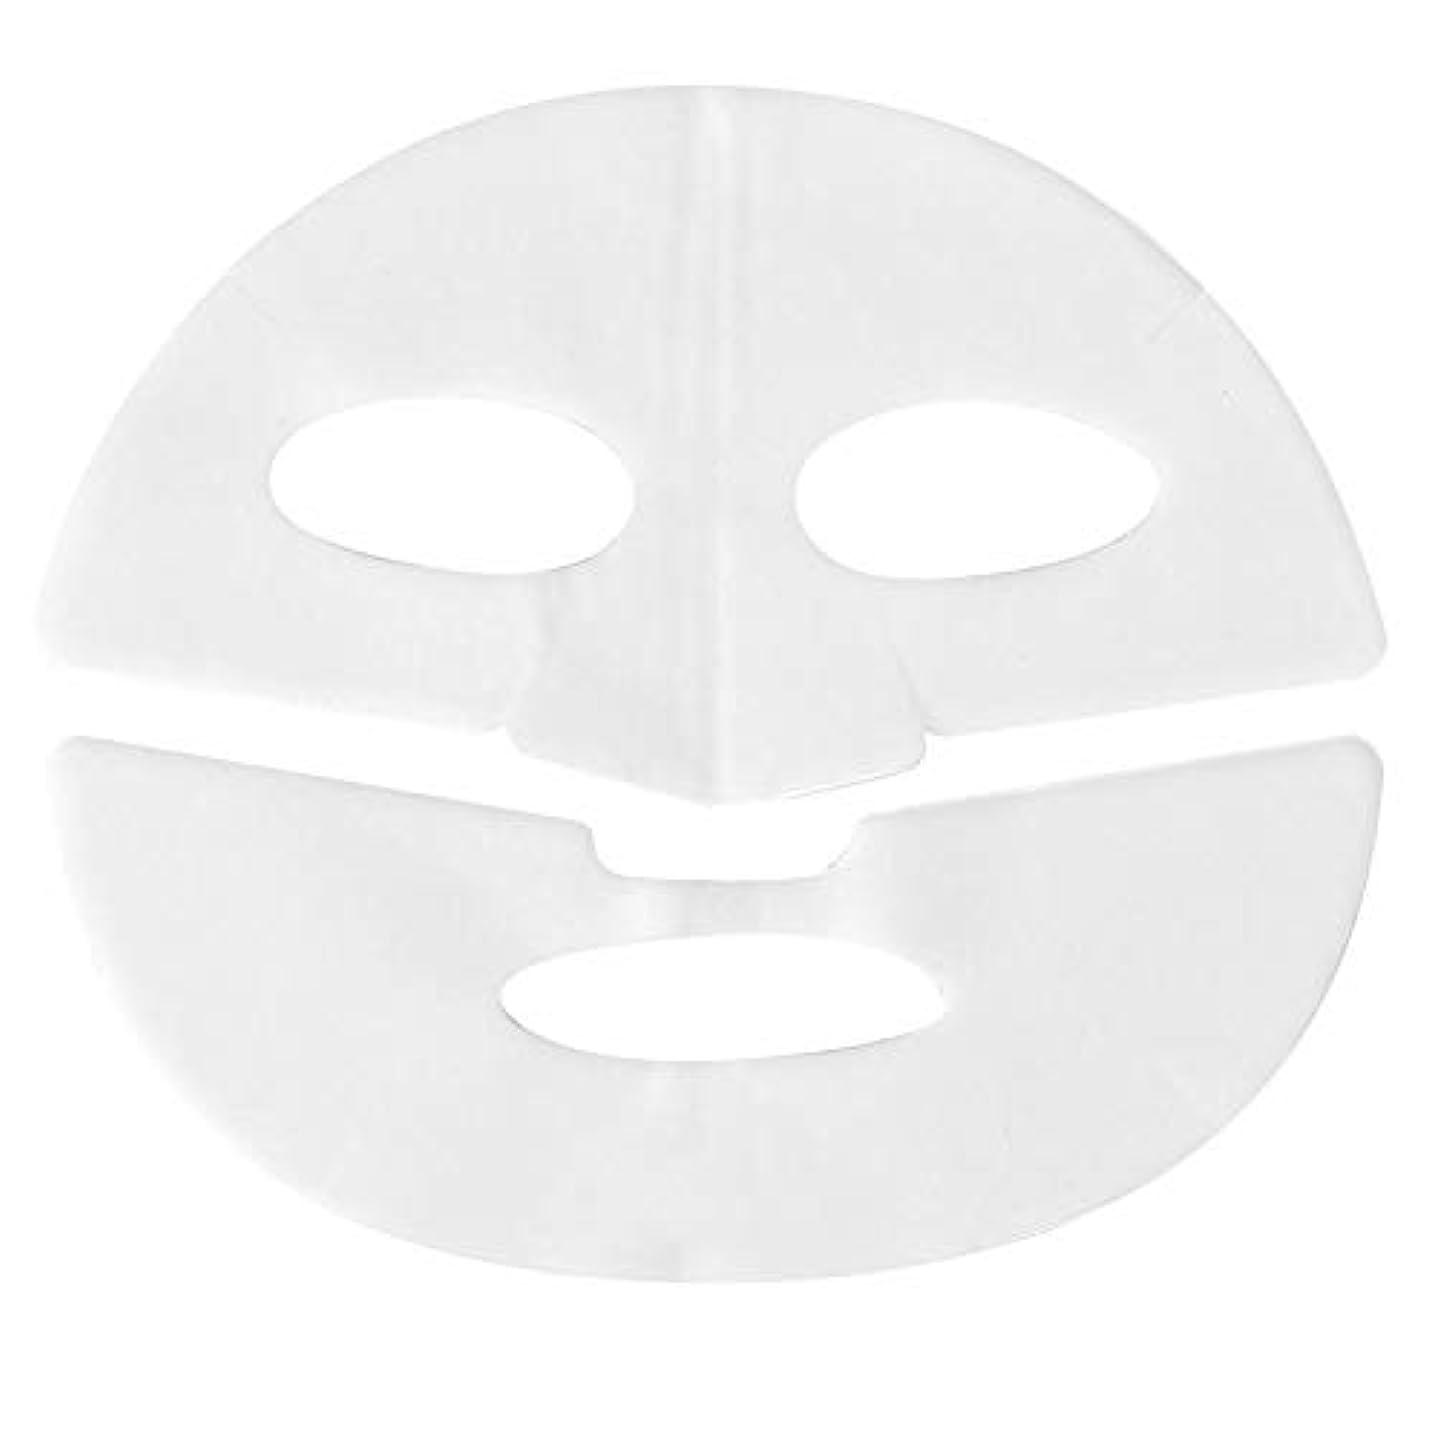 もし近代化する悲しみ10 PCS痩身マスク - 水分補給用V字型マスク、保湿マスク - 首とあごのリフト、アンチエイジング、しわを軽減